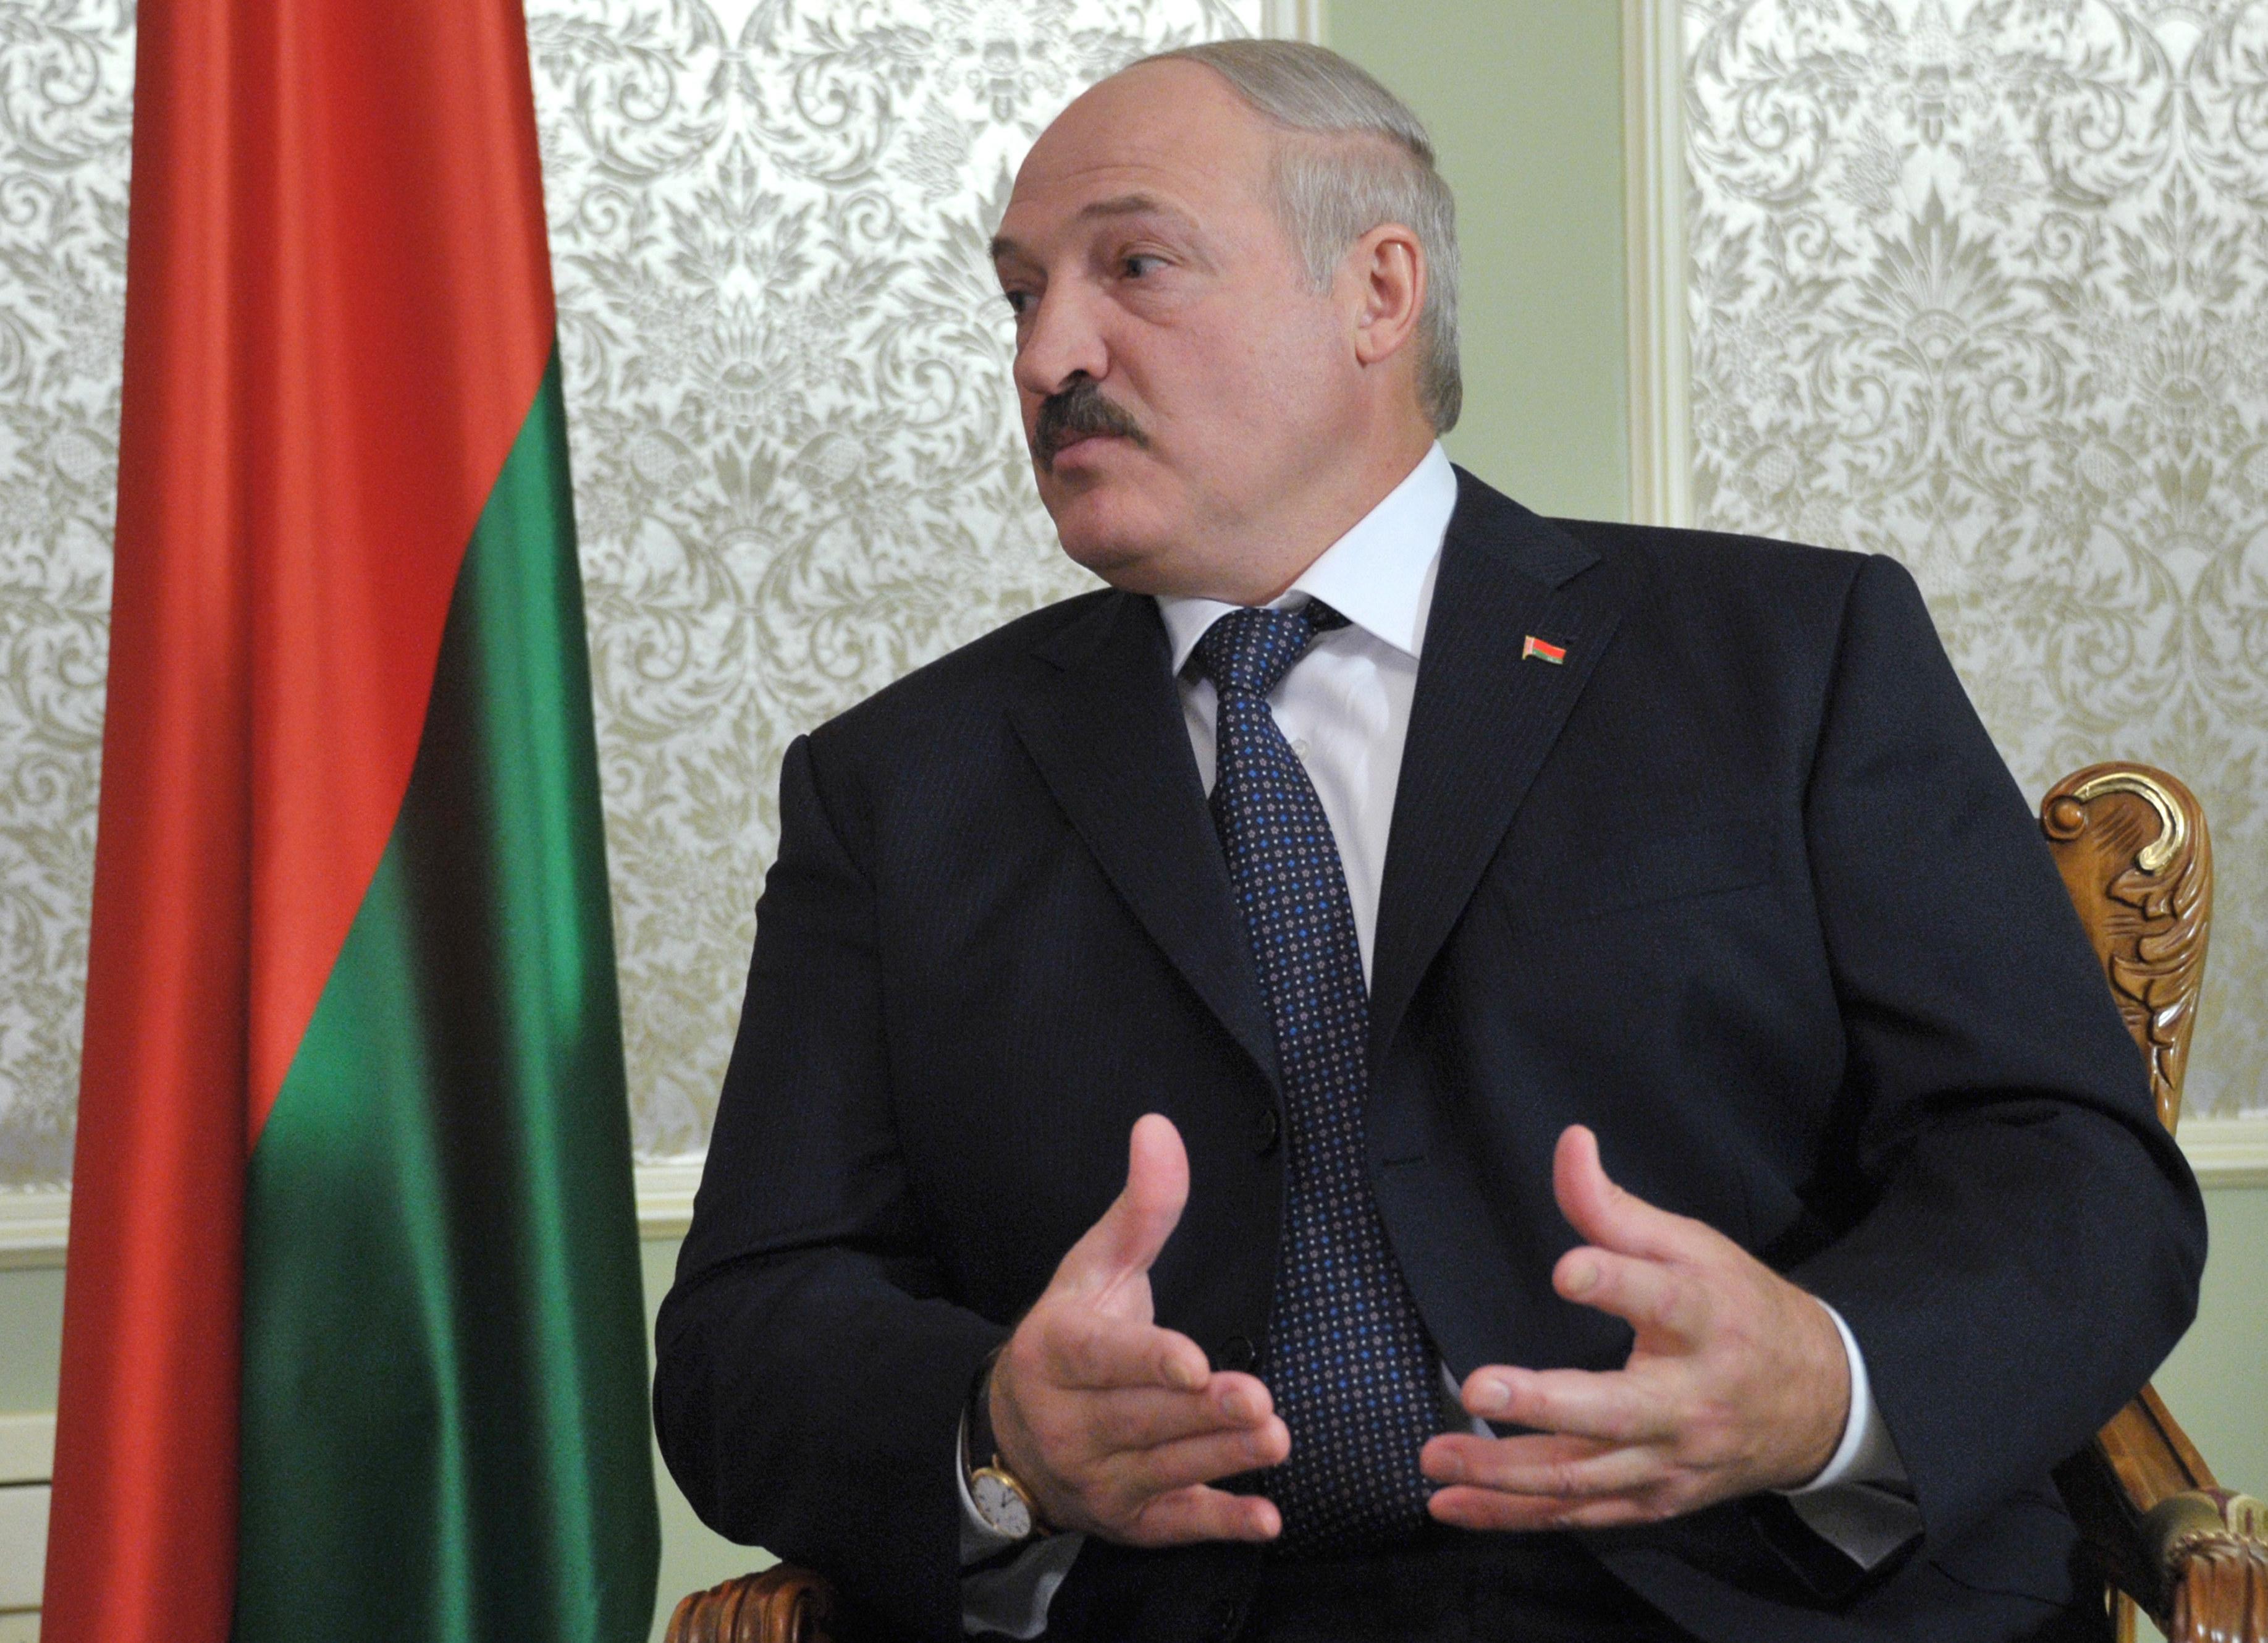 Батька возвращает белорусам крепостное право